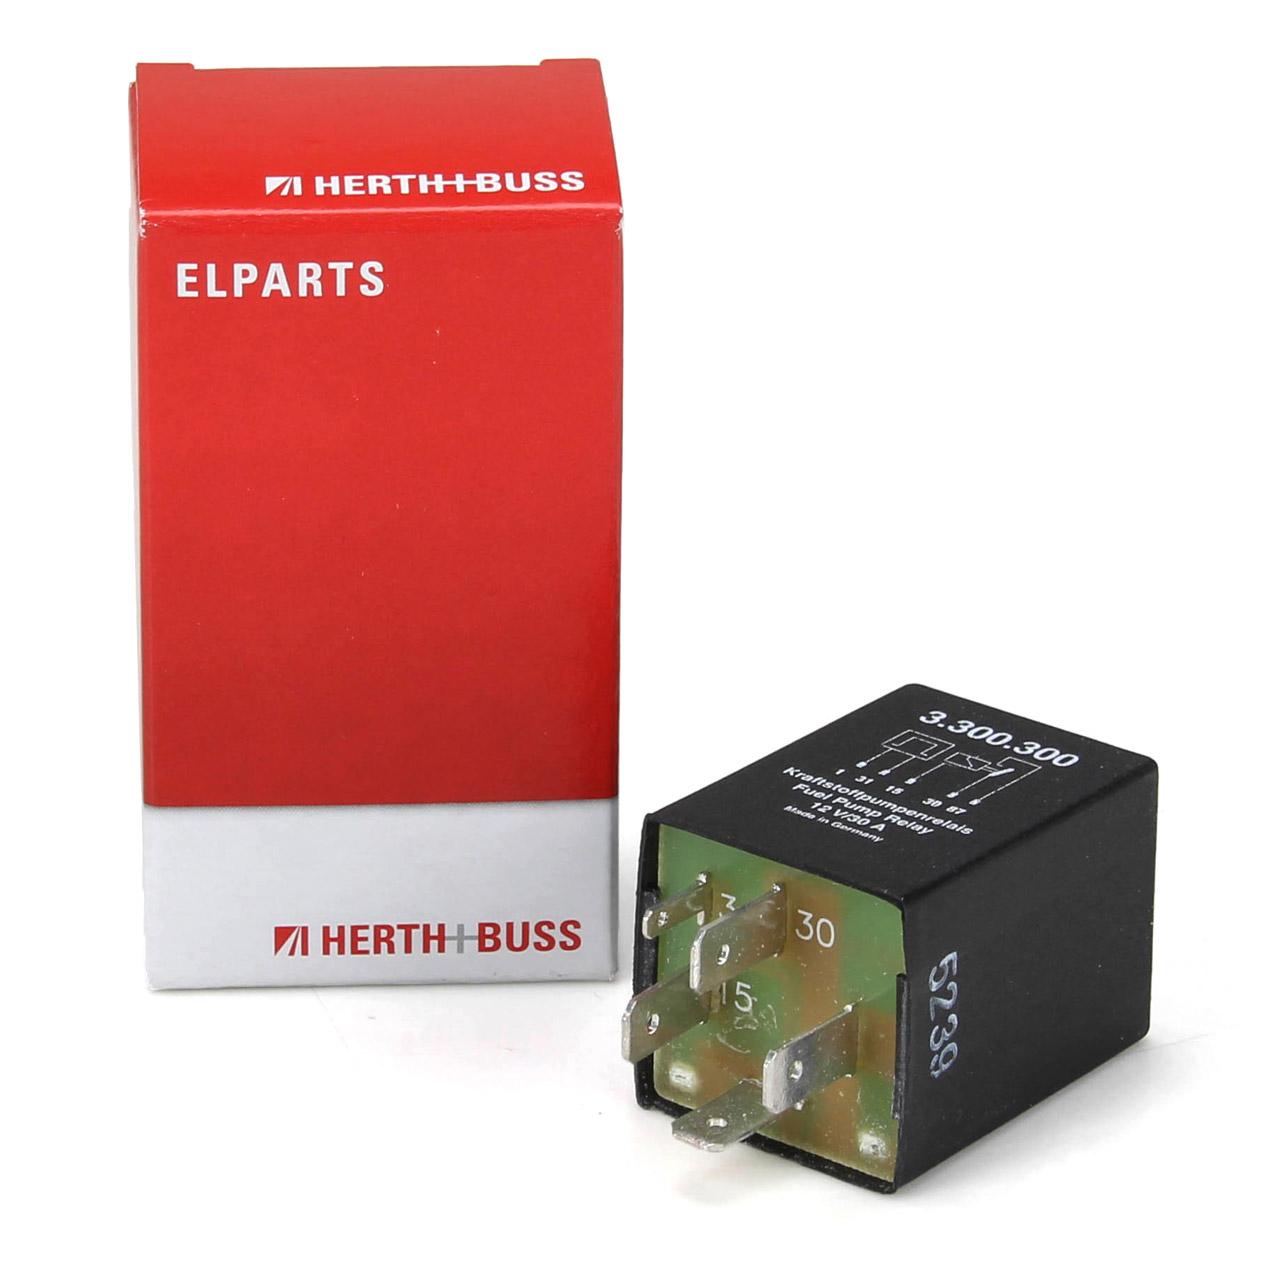 HERTH+BUSS ELPARTS Relais Kraftstoffpumpe für AUDI 100 200 80 COUPE PORSCHE 924